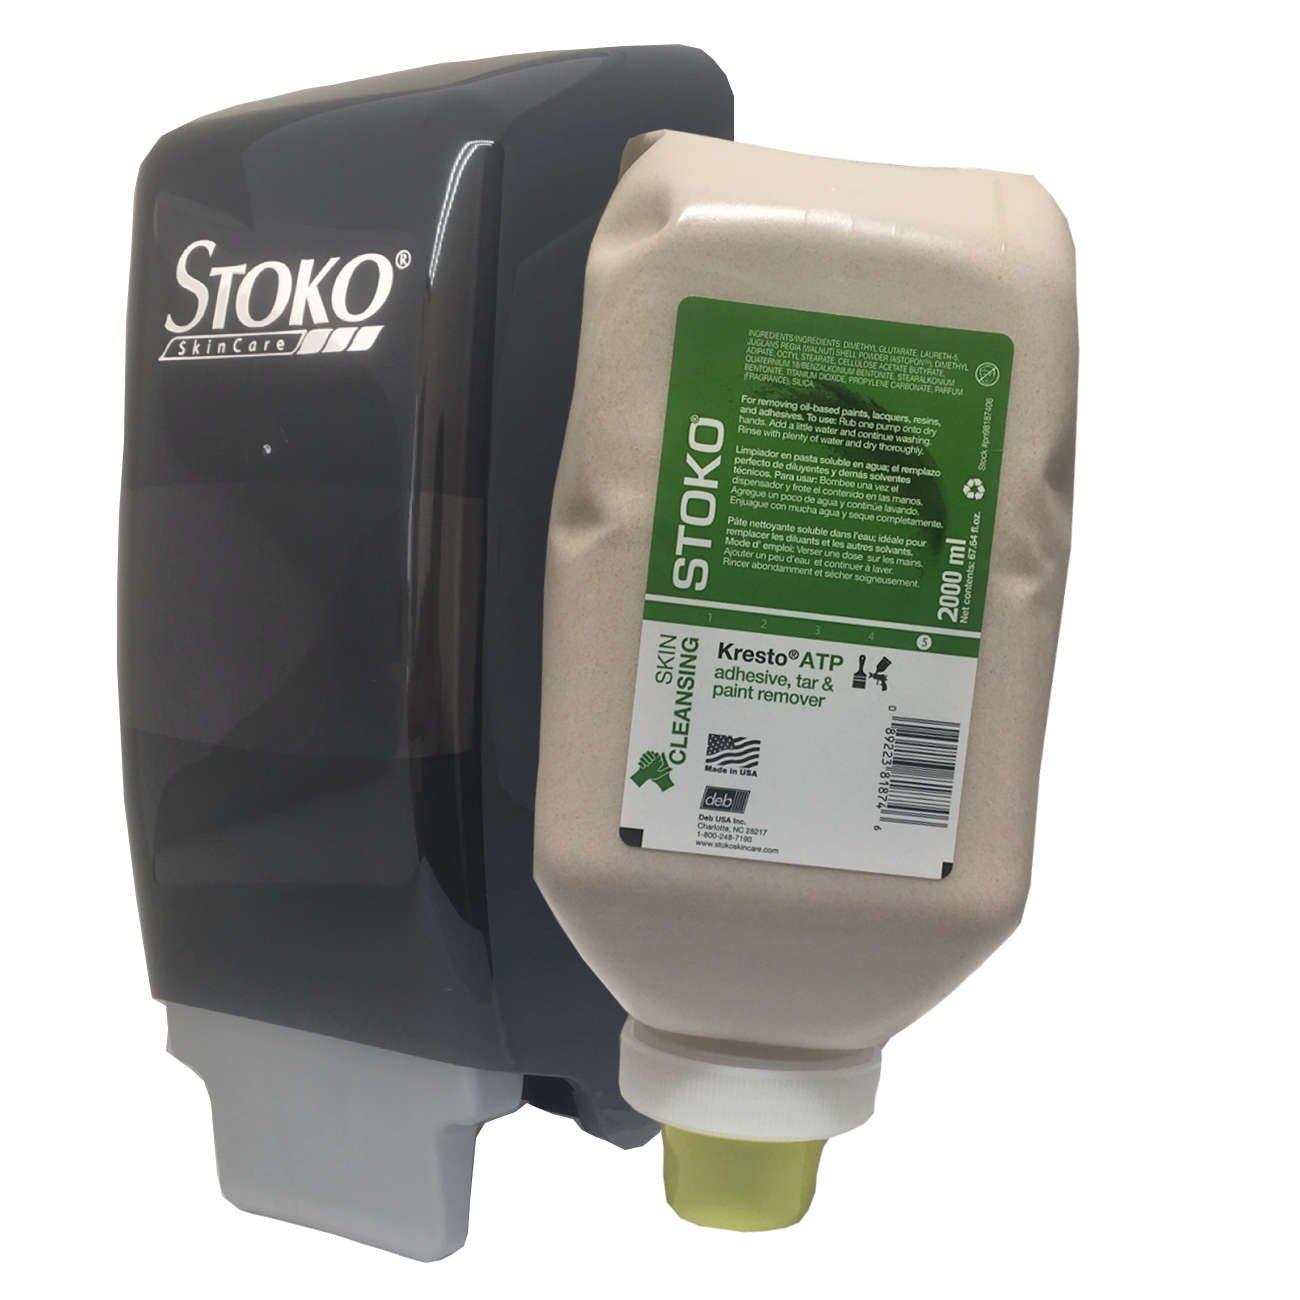 Kresto ATP [Cupran] Hand Cleanser 2000ml softbottle (pn98187406) + Dispenser (PN55980806) Combo